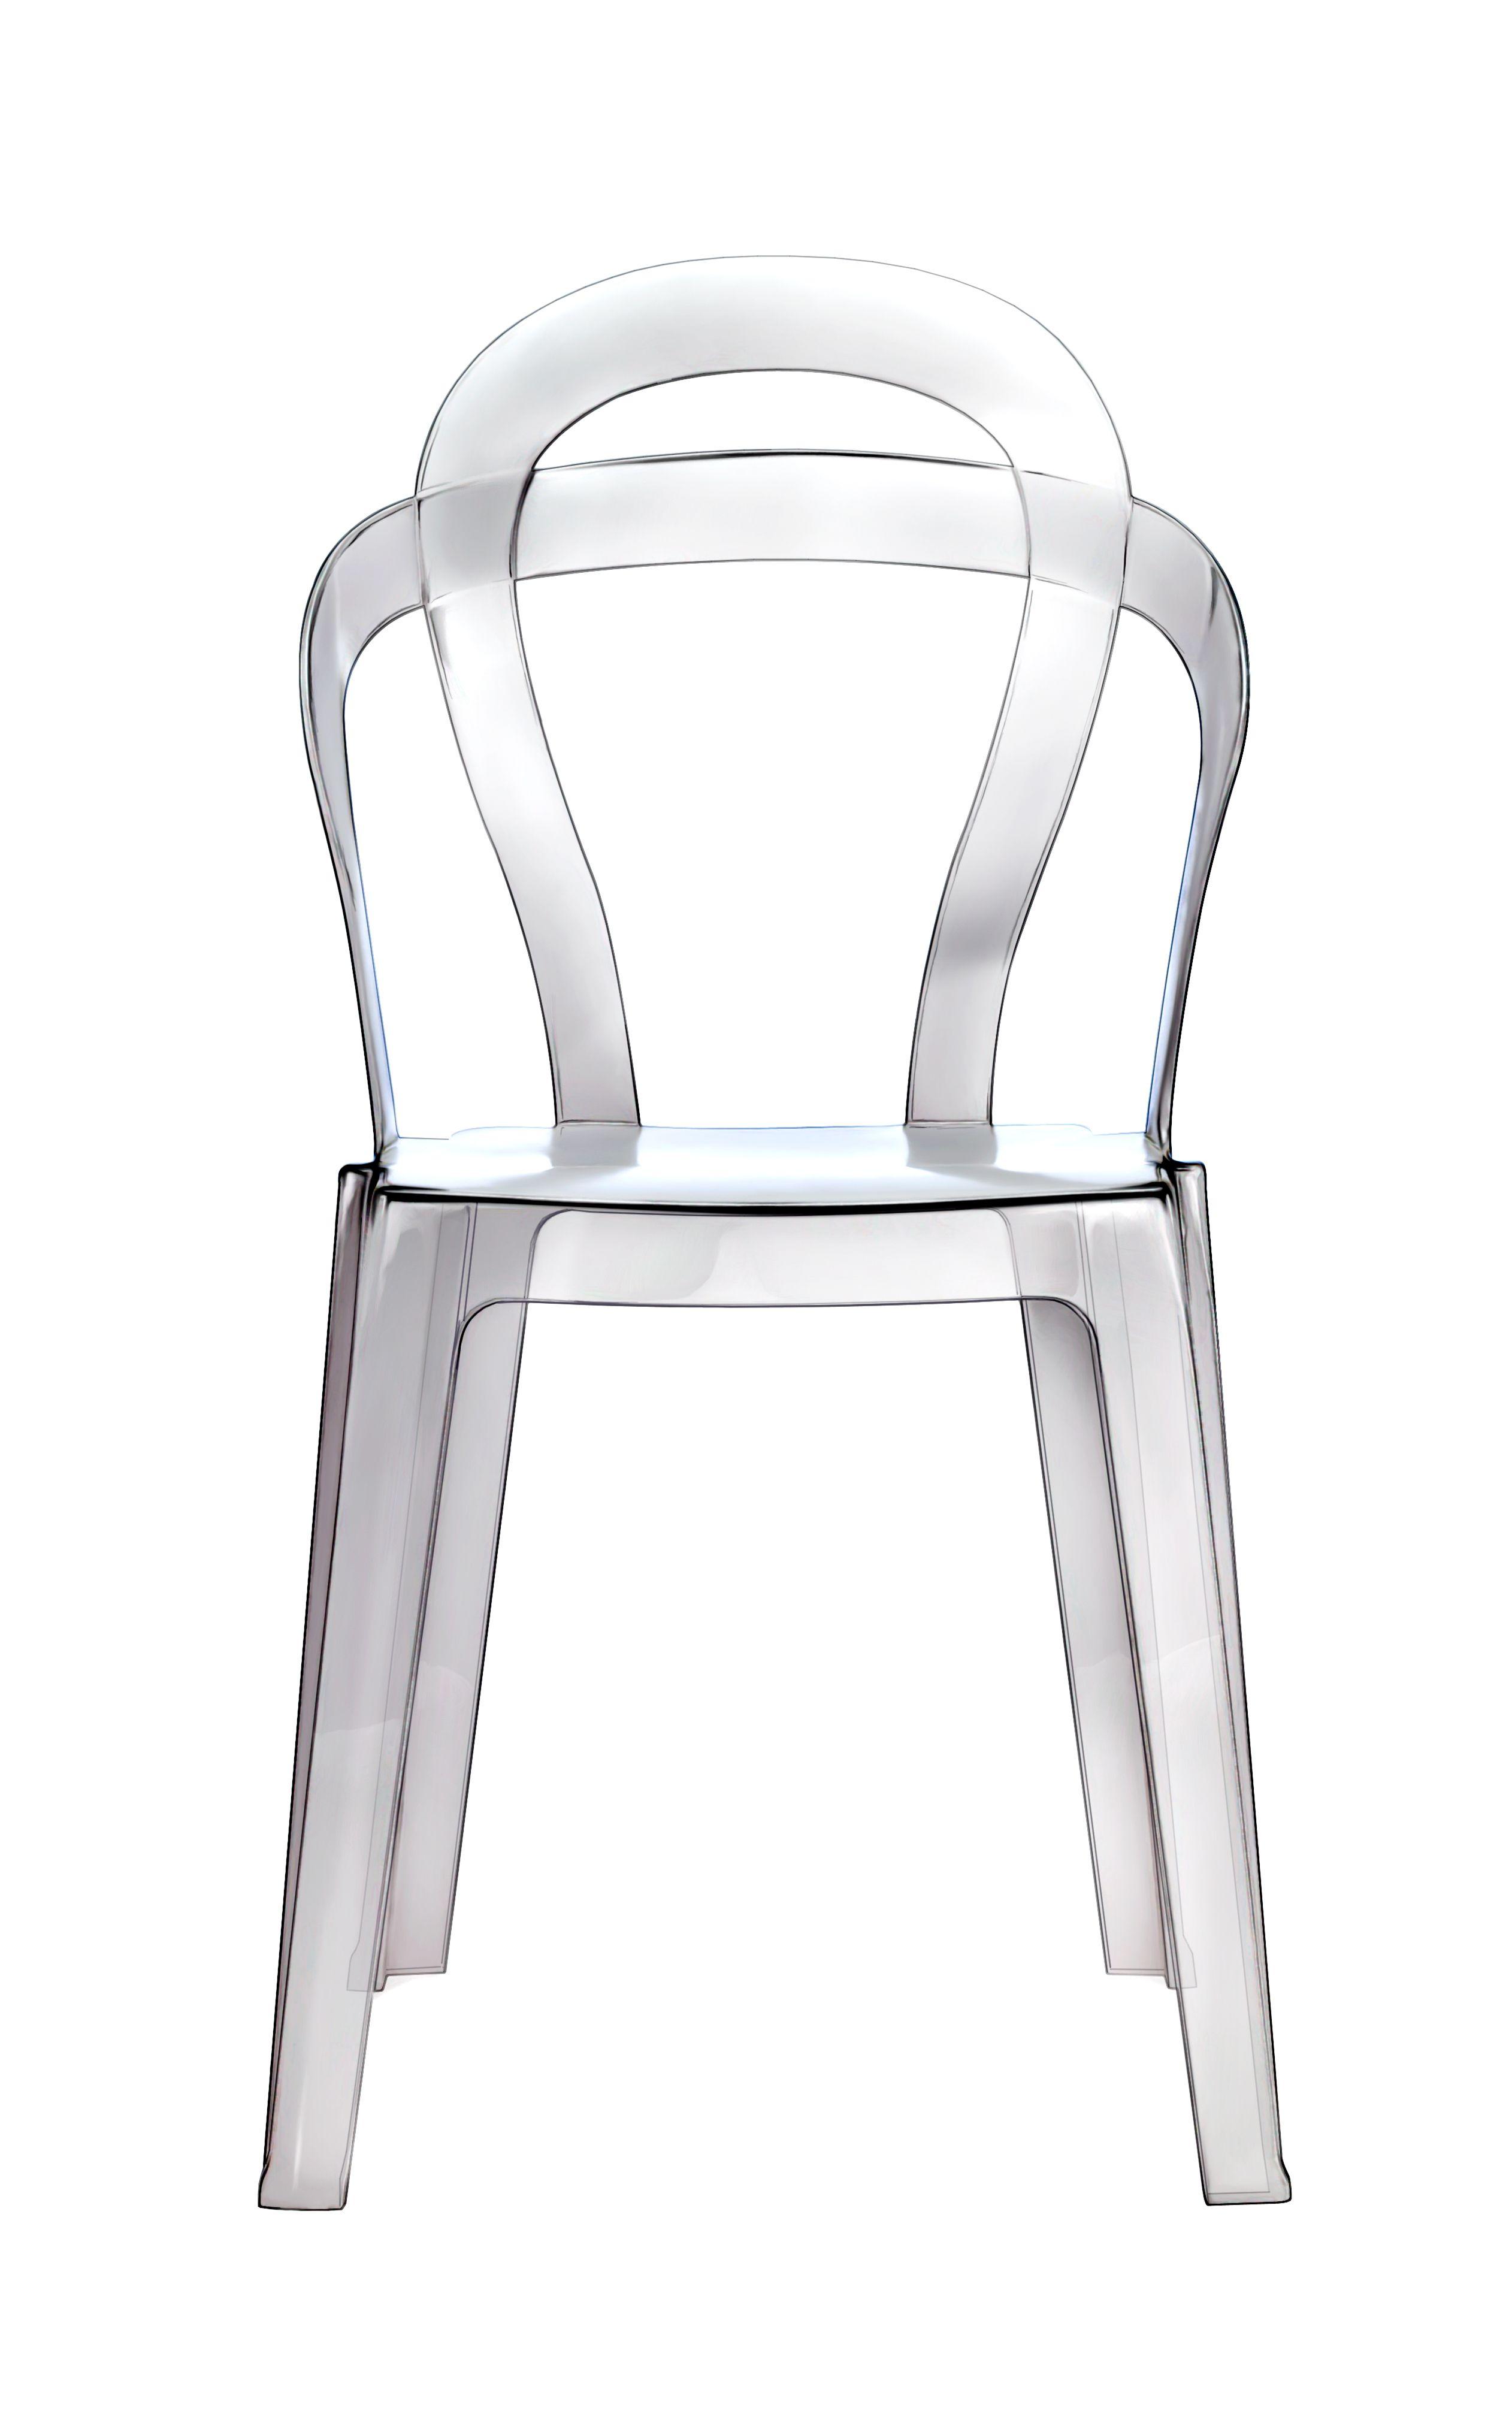 Estructura elaborada en policarbonato transparente, translúcido y colores sólidos. Caracterizada por su respaldo con el toque de Art-Nouveau constituido por 2 parábolas Para uso interno y externo Estibable.  Disponible en DISEÑO TURQUESA